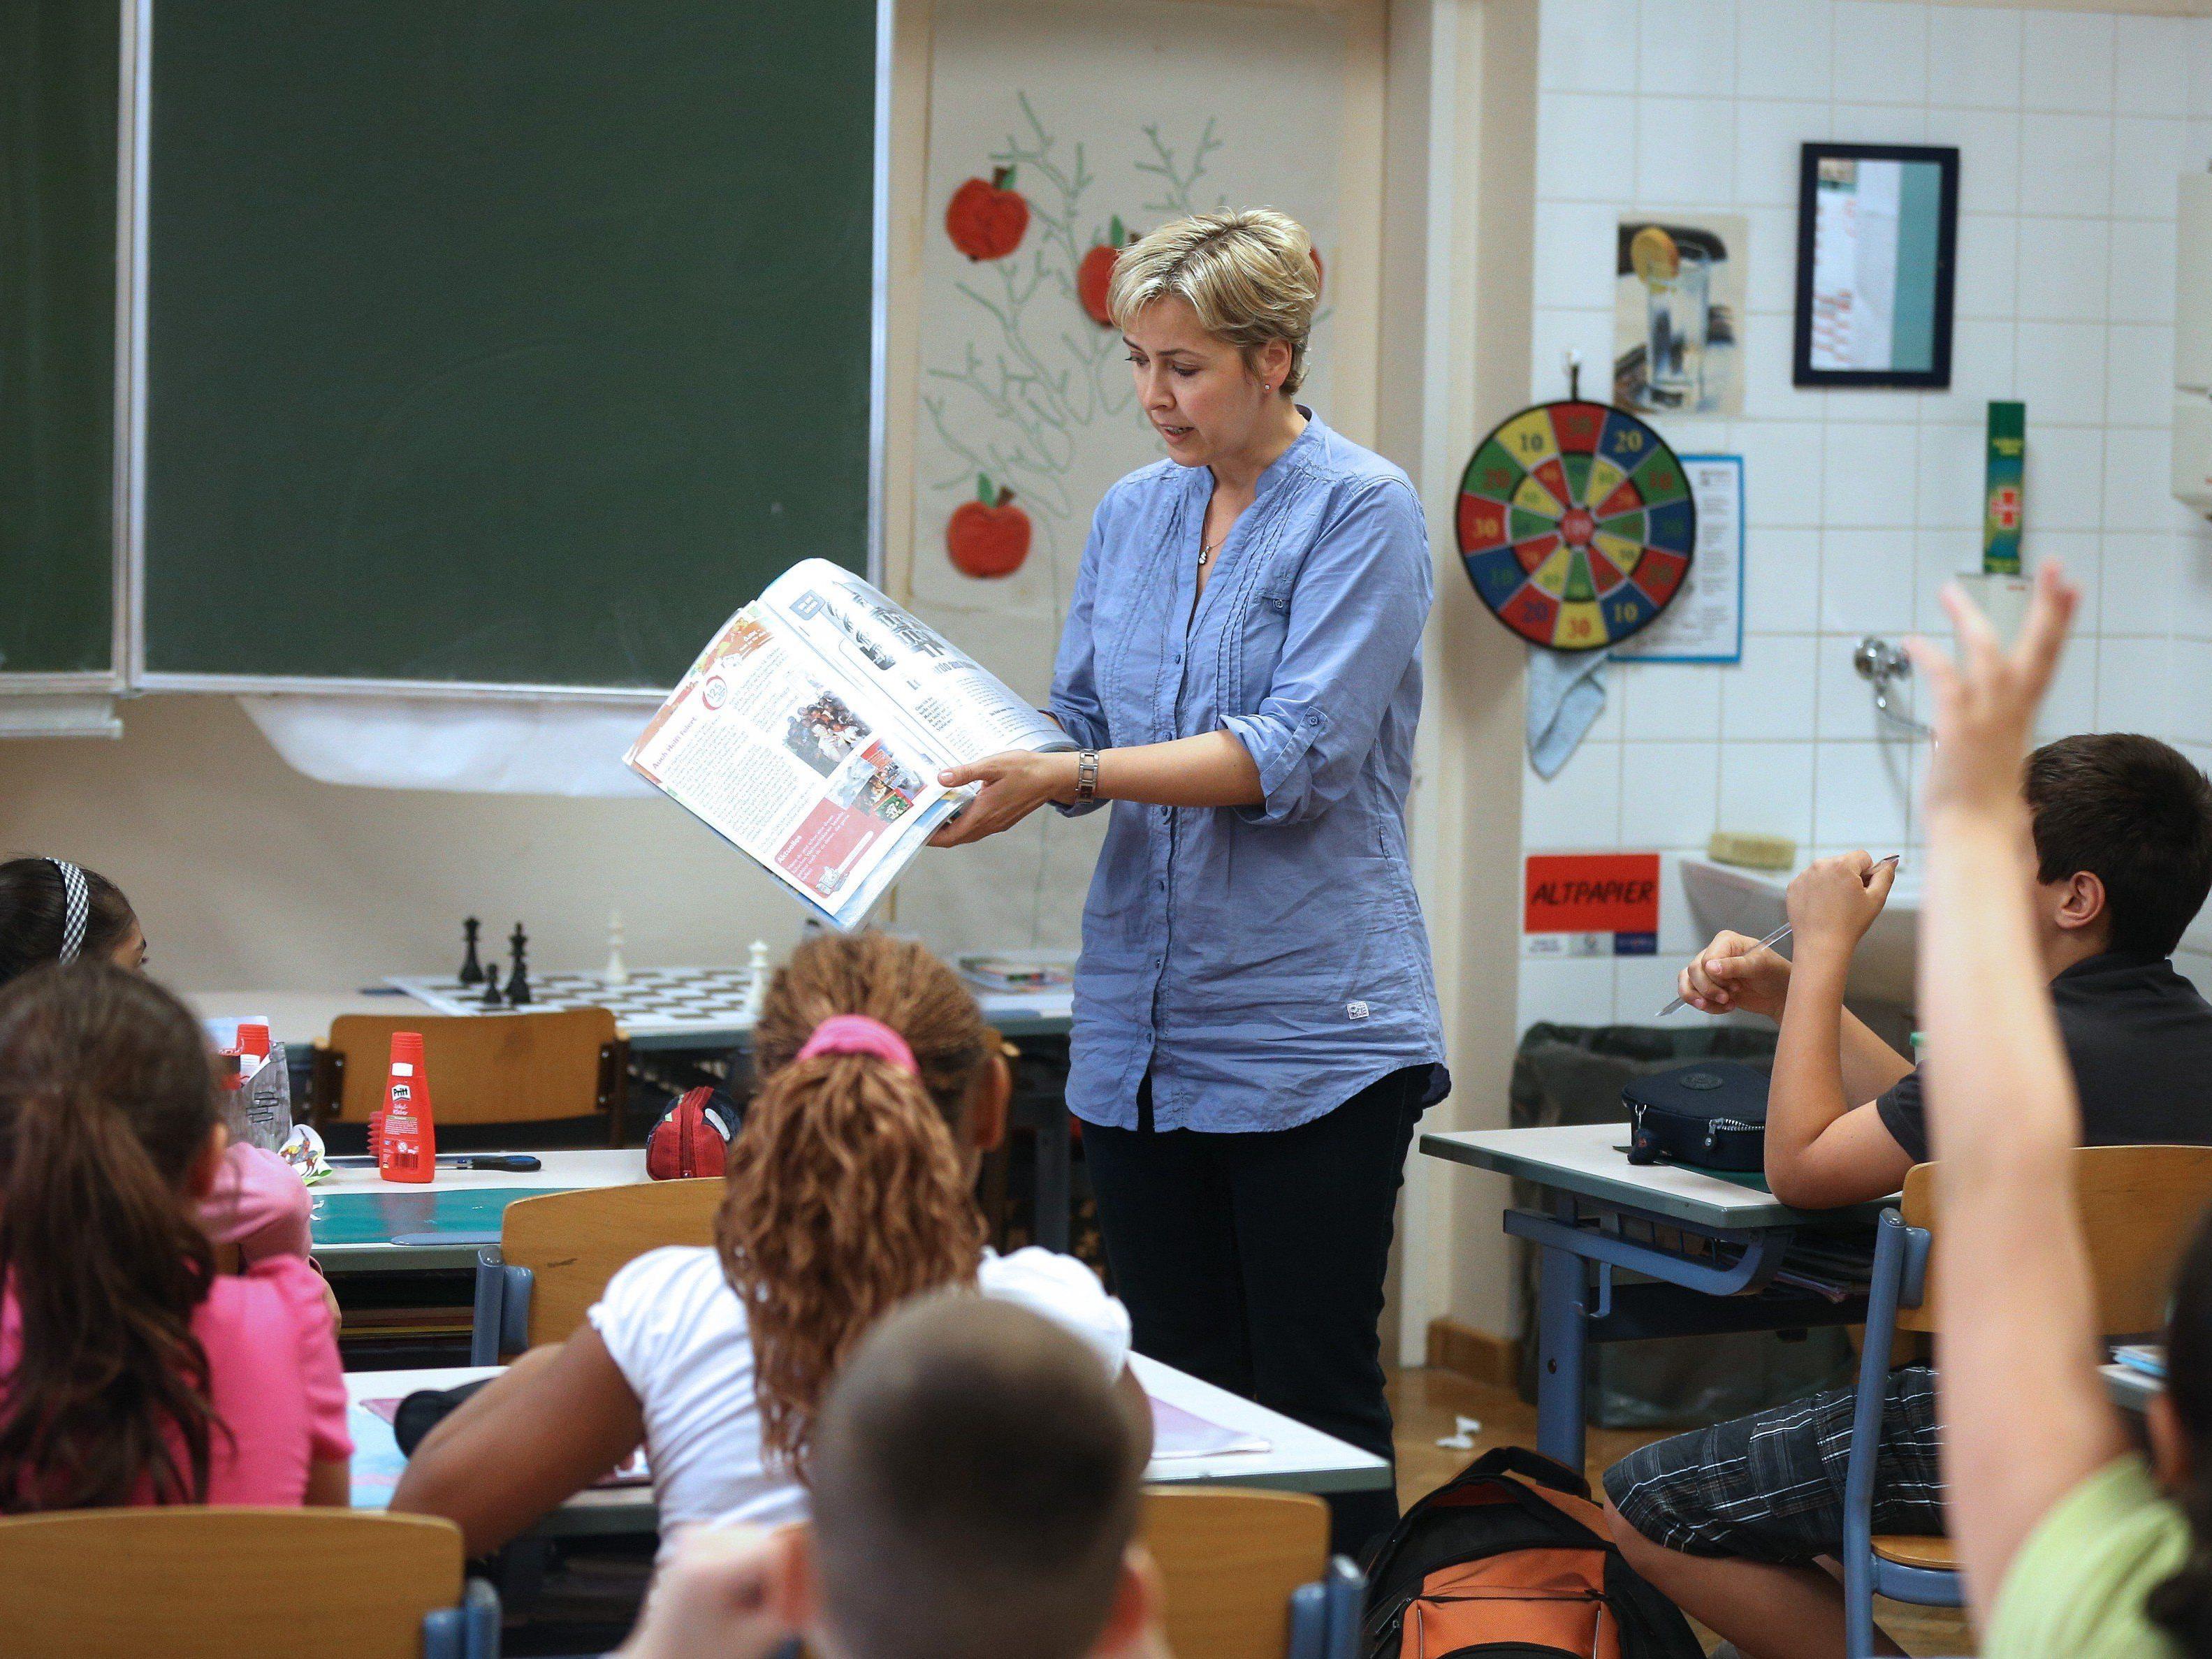 Viele Flüchtlingskinder starten in Österreich ins neue Schuljahr.